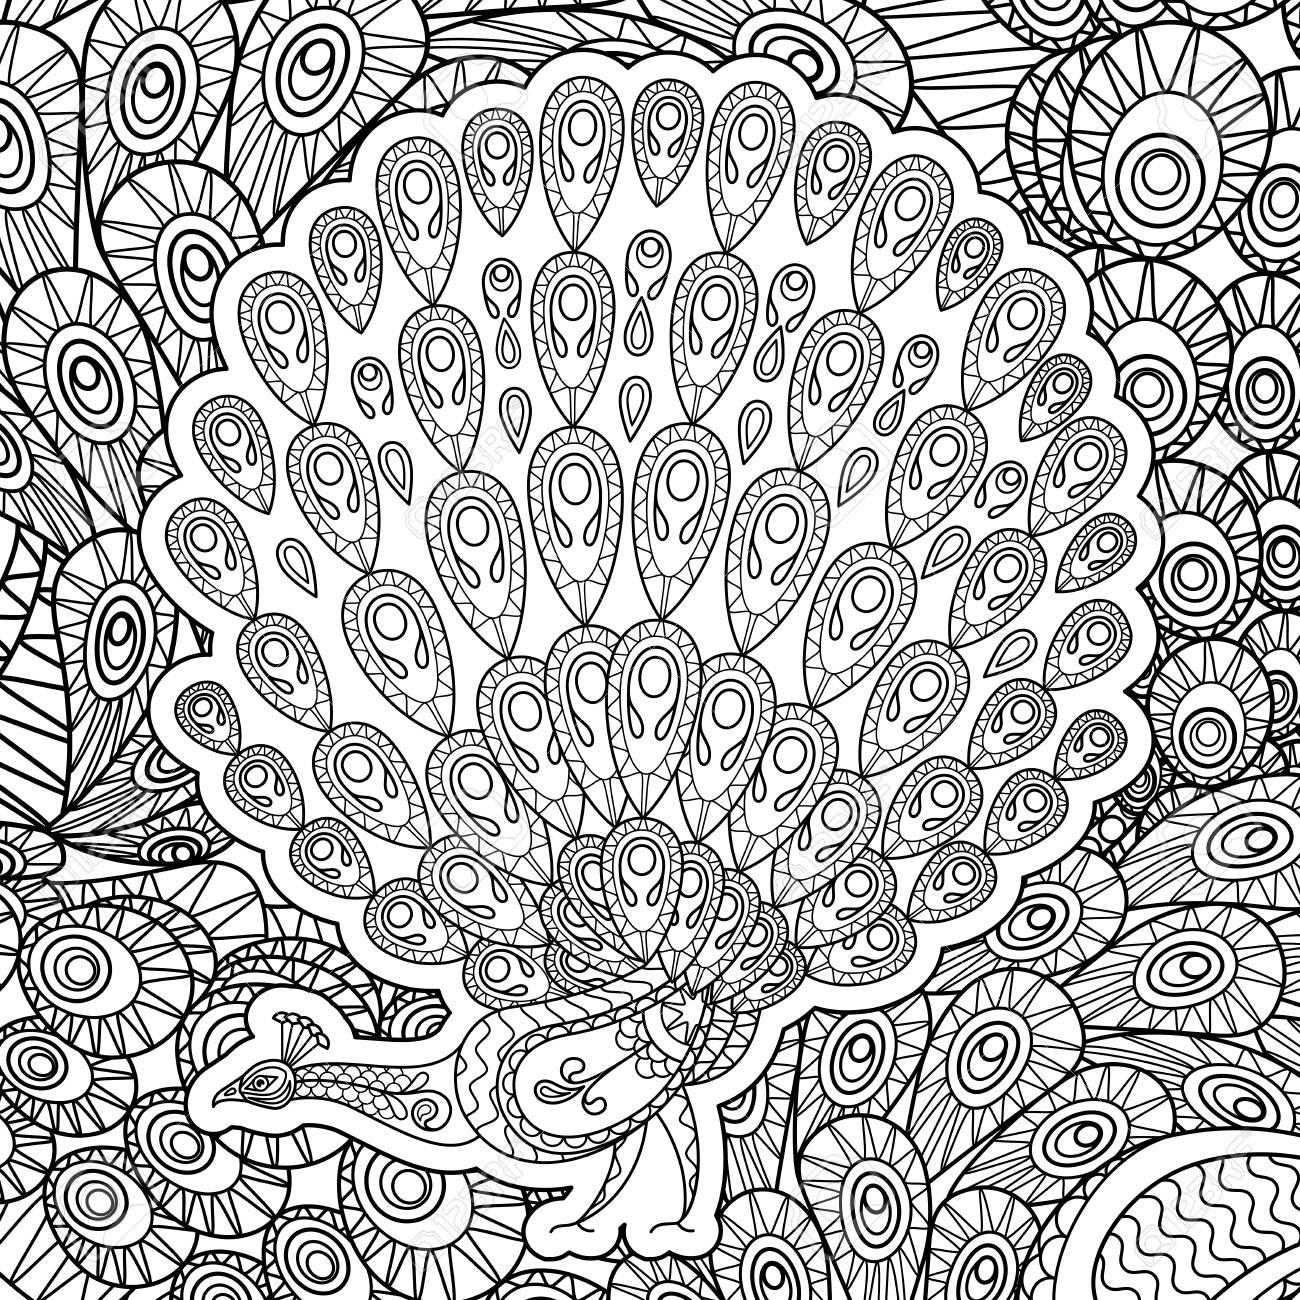 Excepcional Página Para Colorear De Cuerpo De Pavo Motivo - Dibujos ...